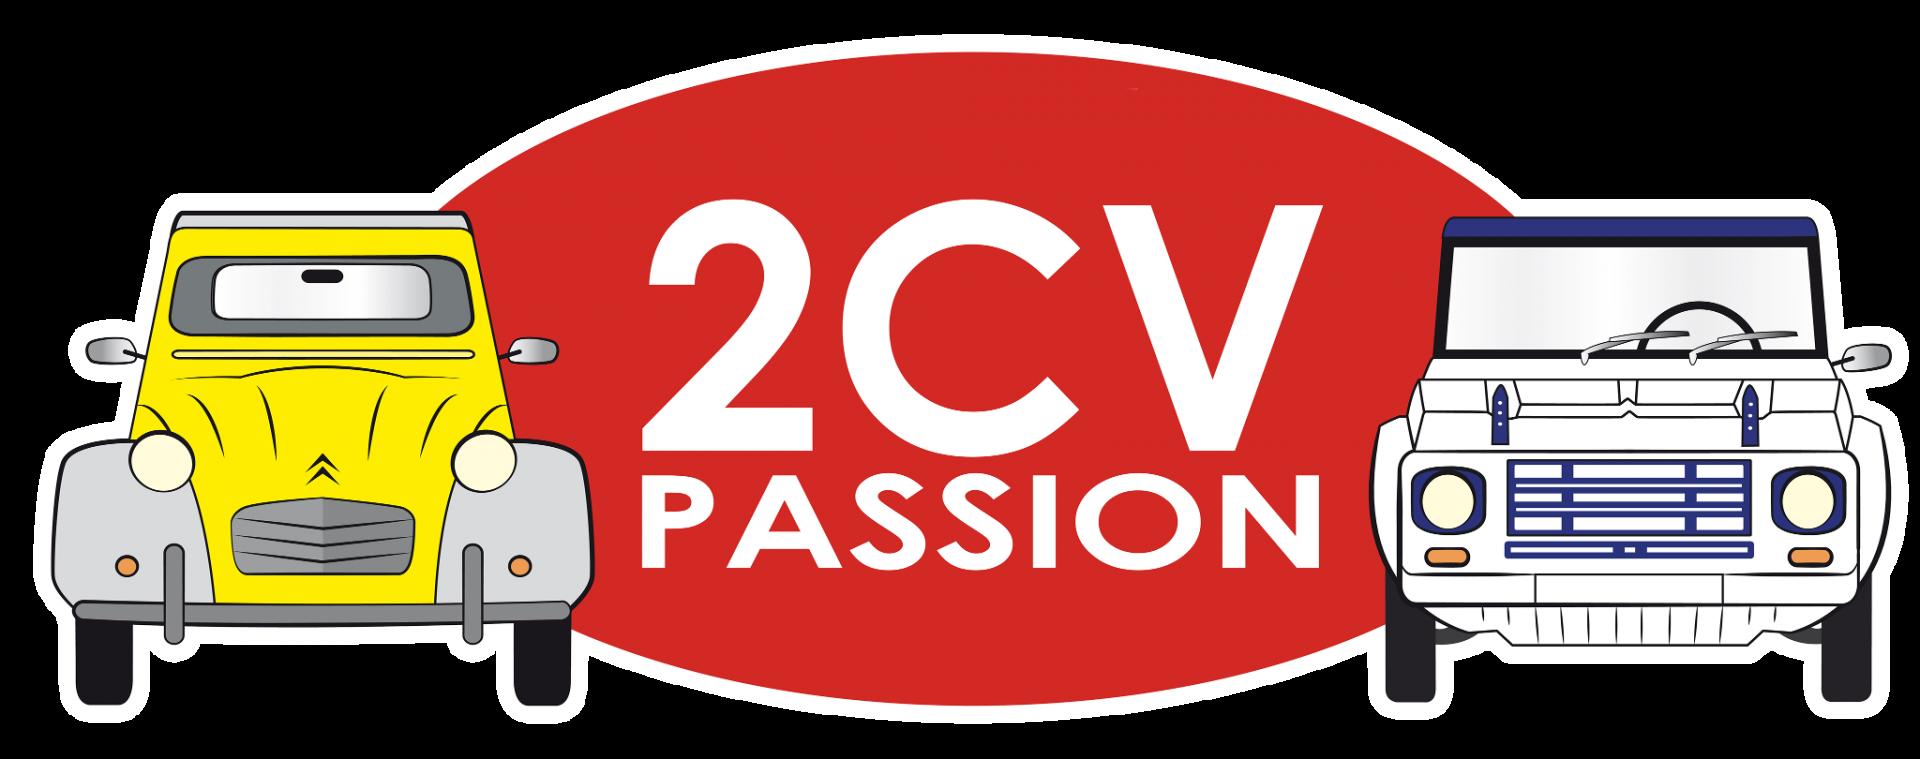 2cvp1